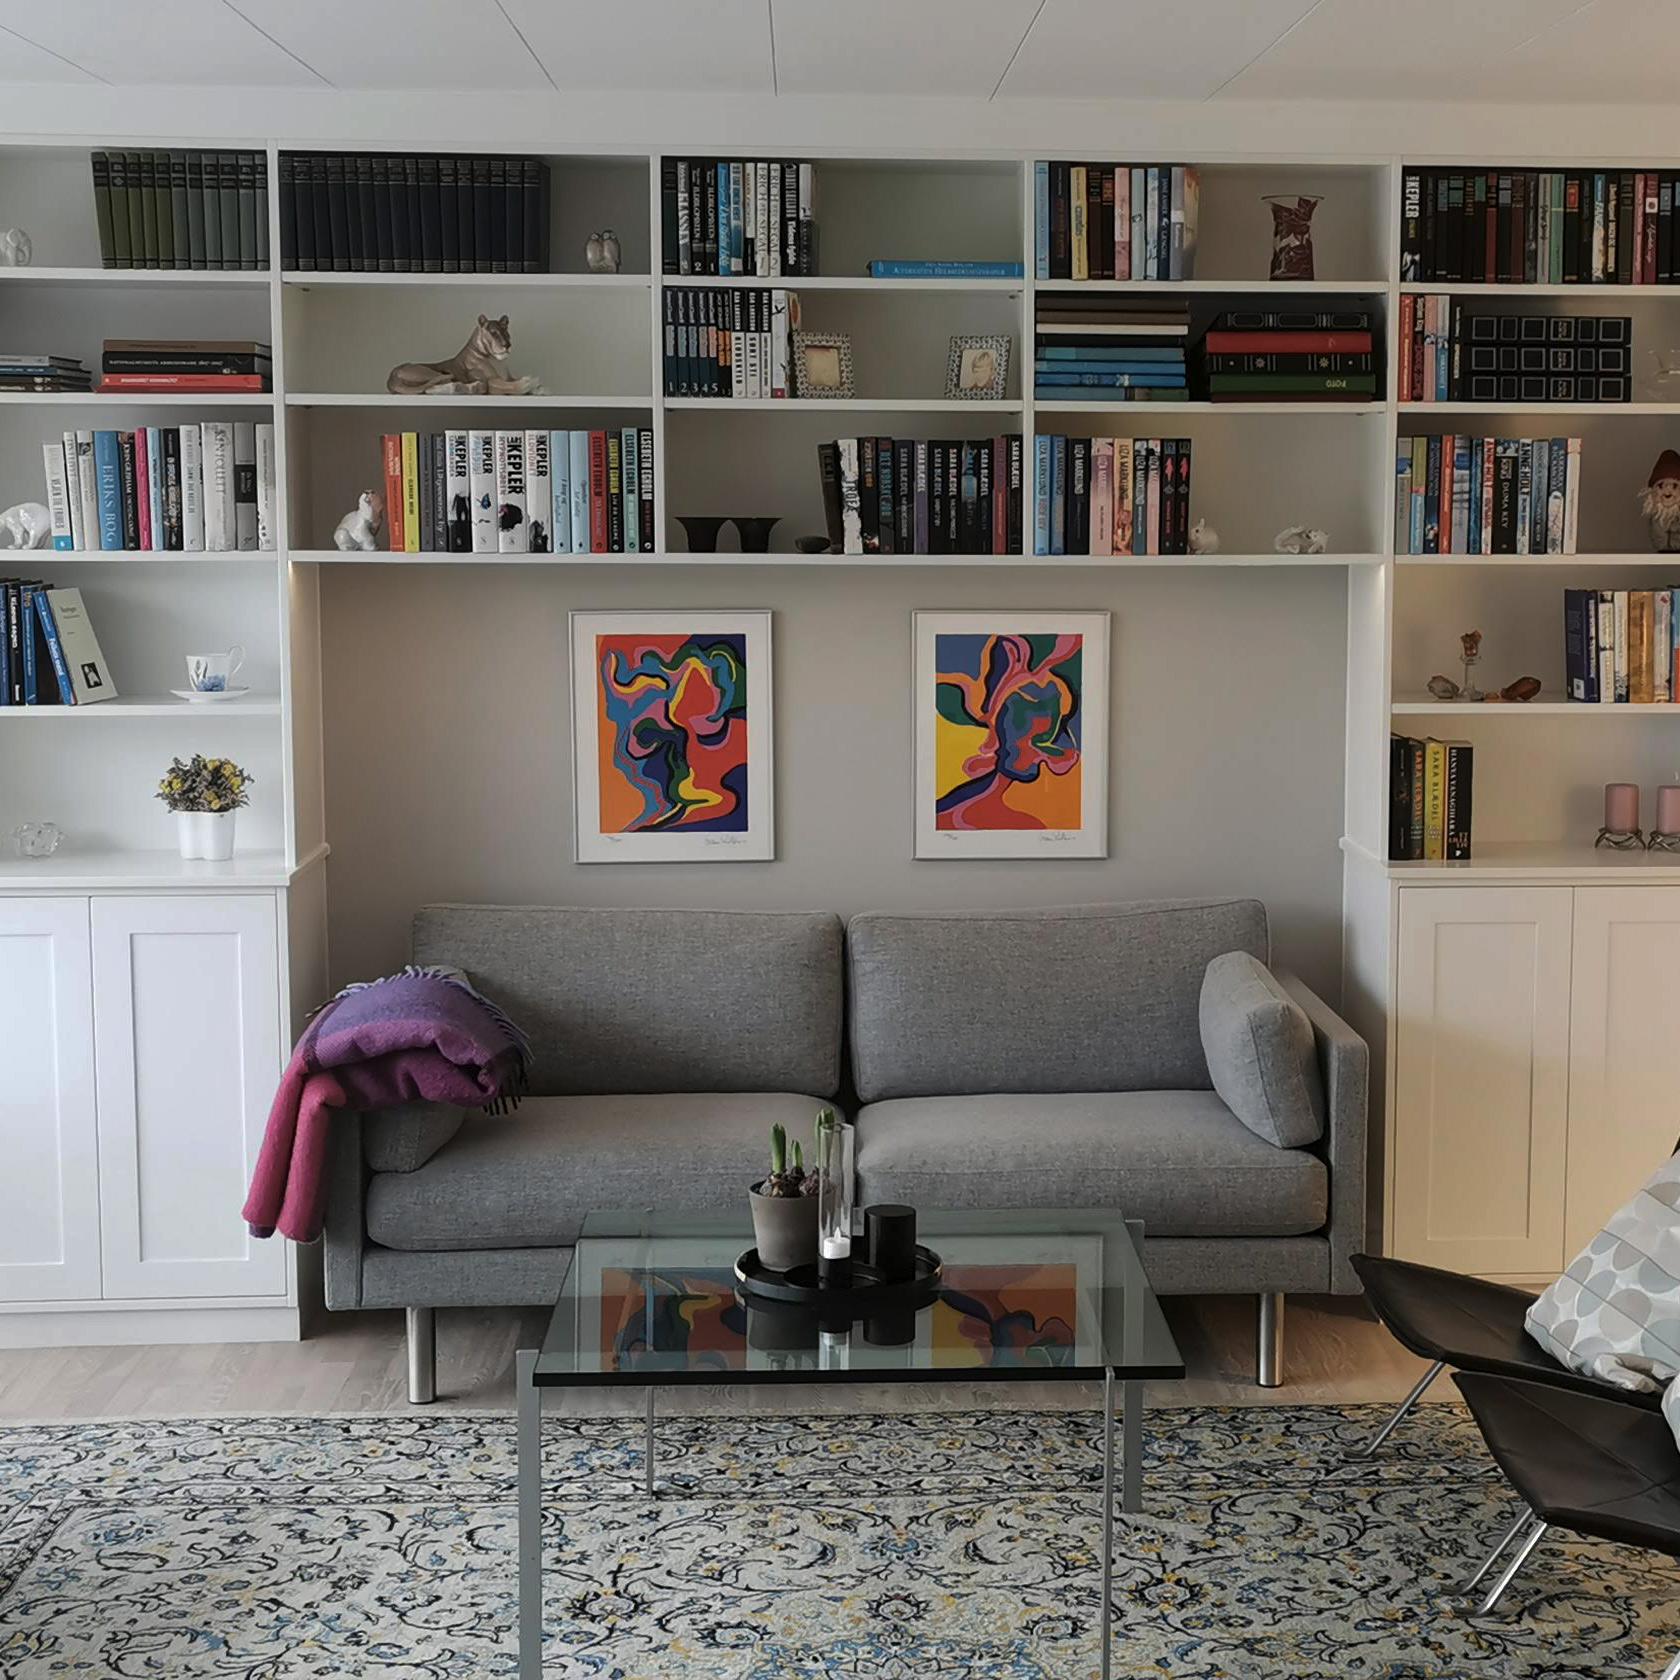 Indbygget reol omkring sofa med skabe forneden